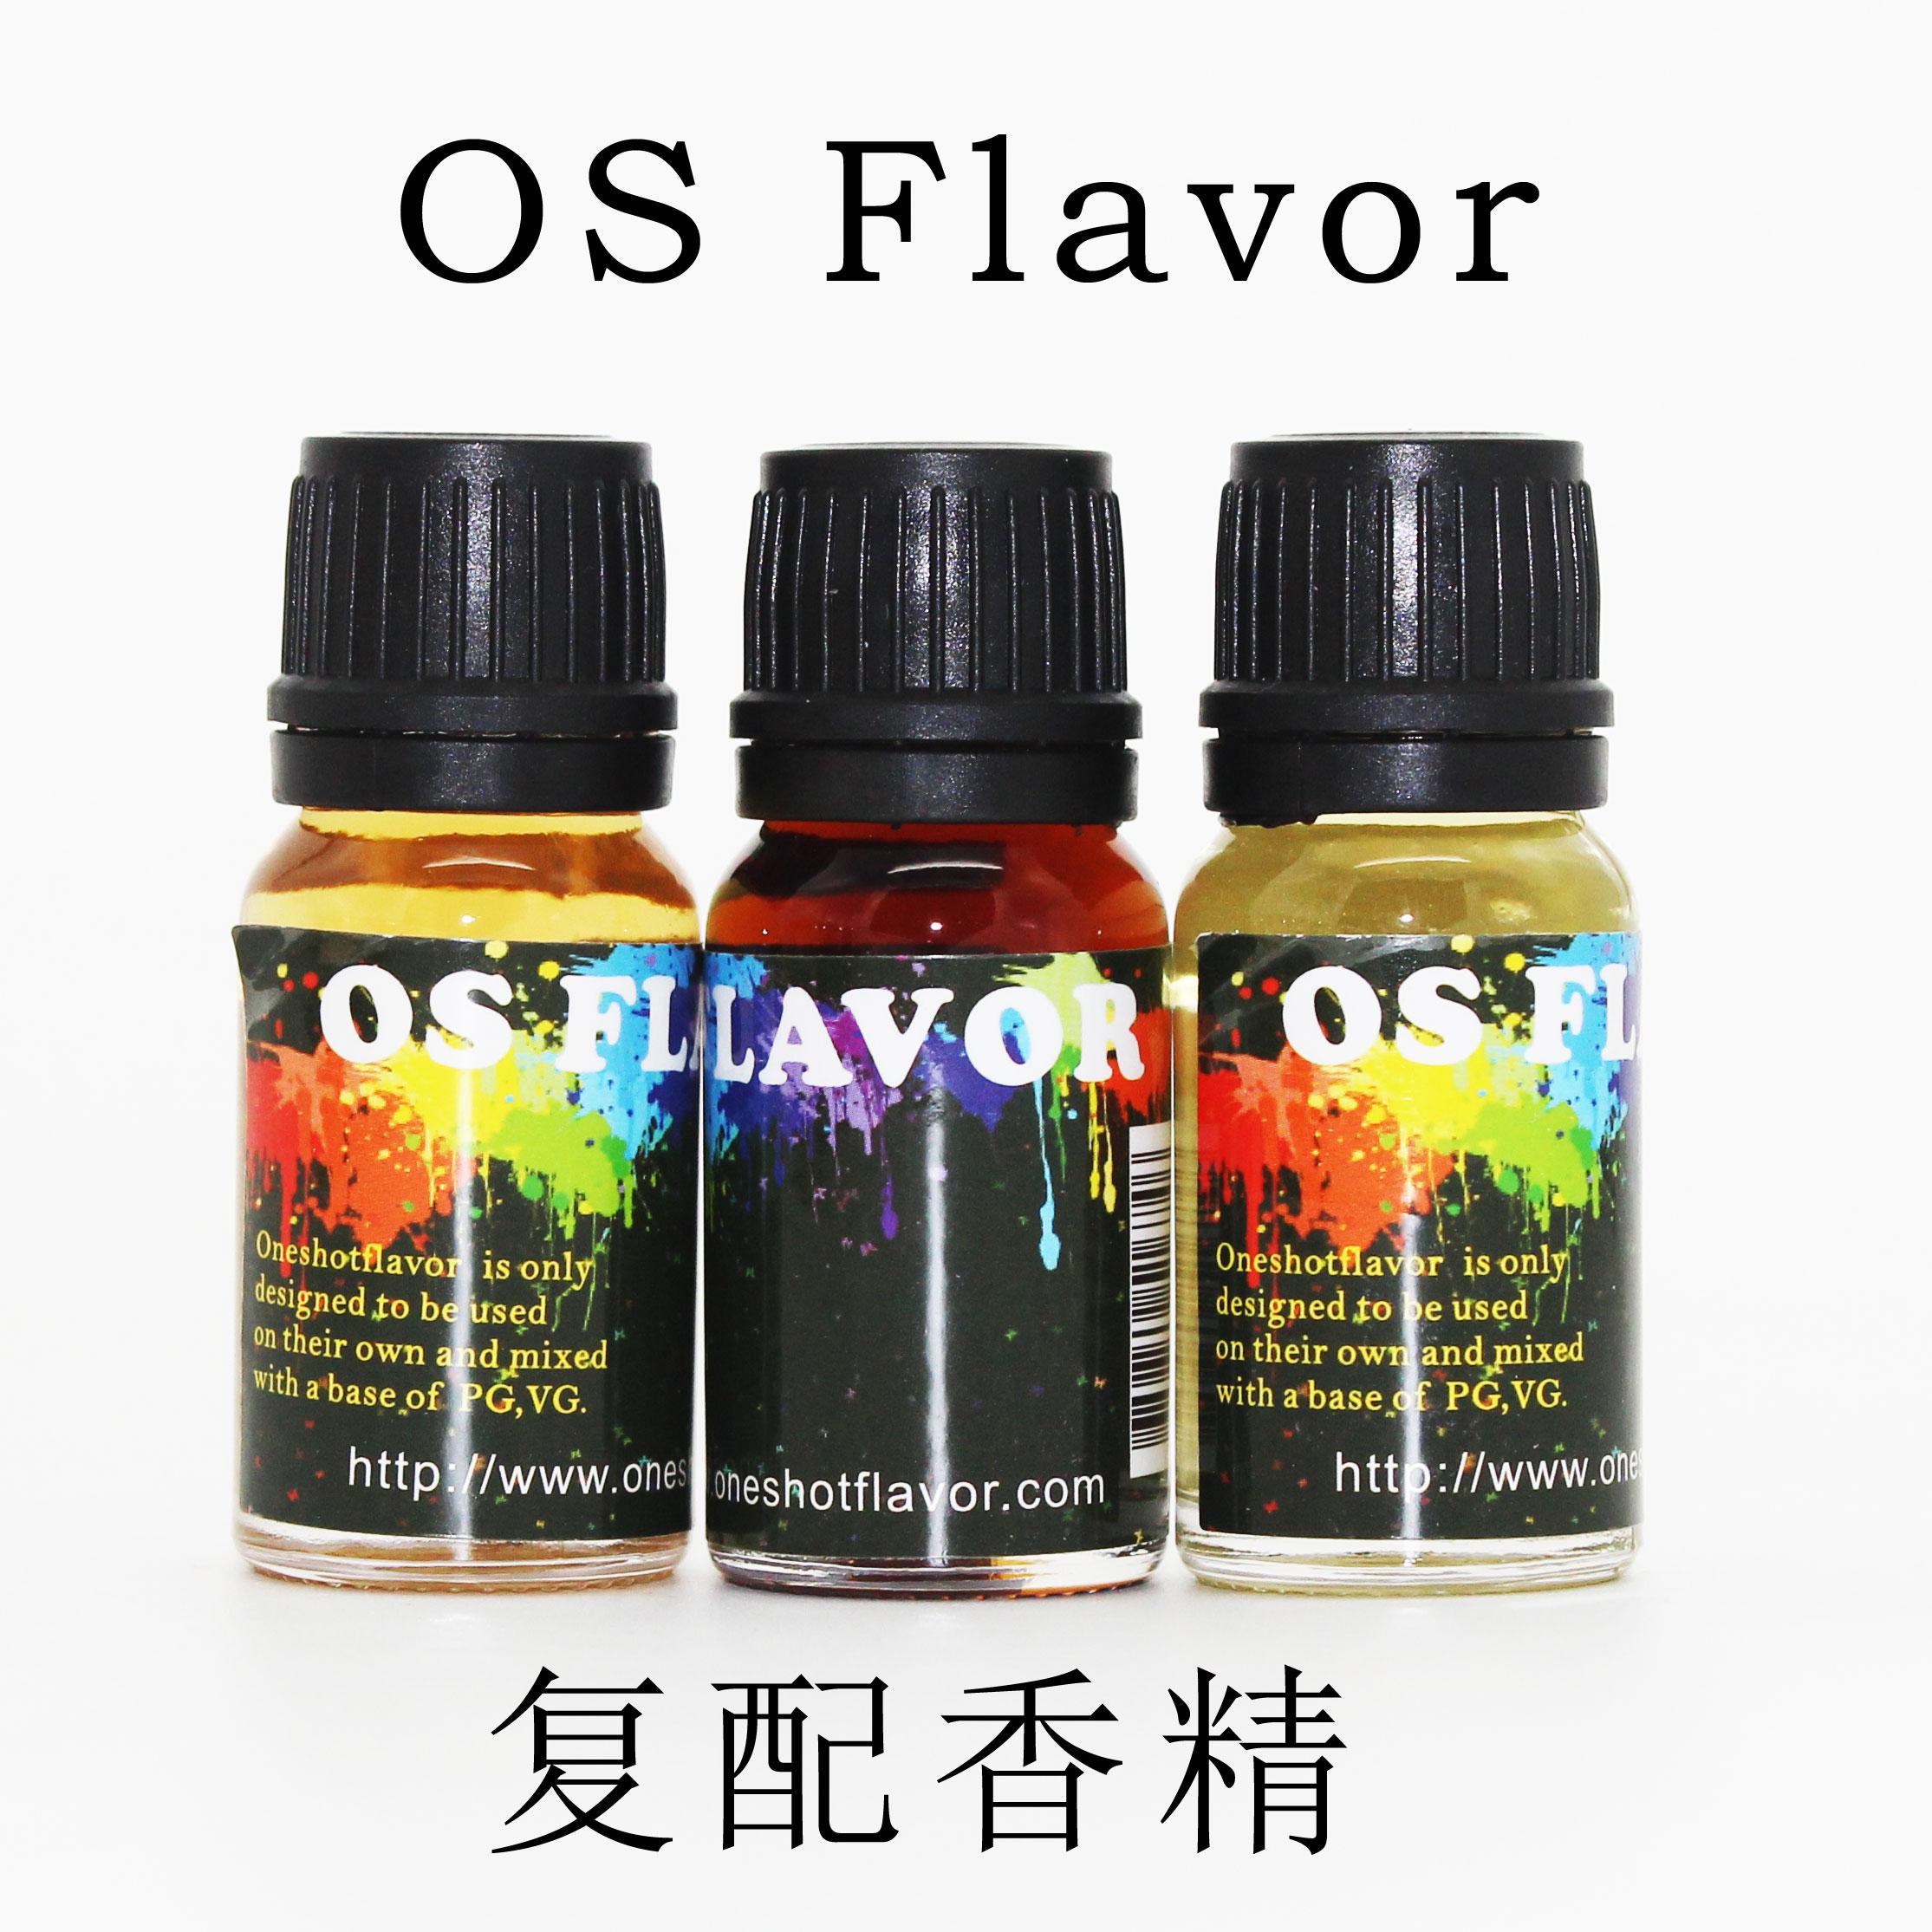 OS FLAVOR原装 复配香精 即调型香精 配复合口味金色年华翠贝卡